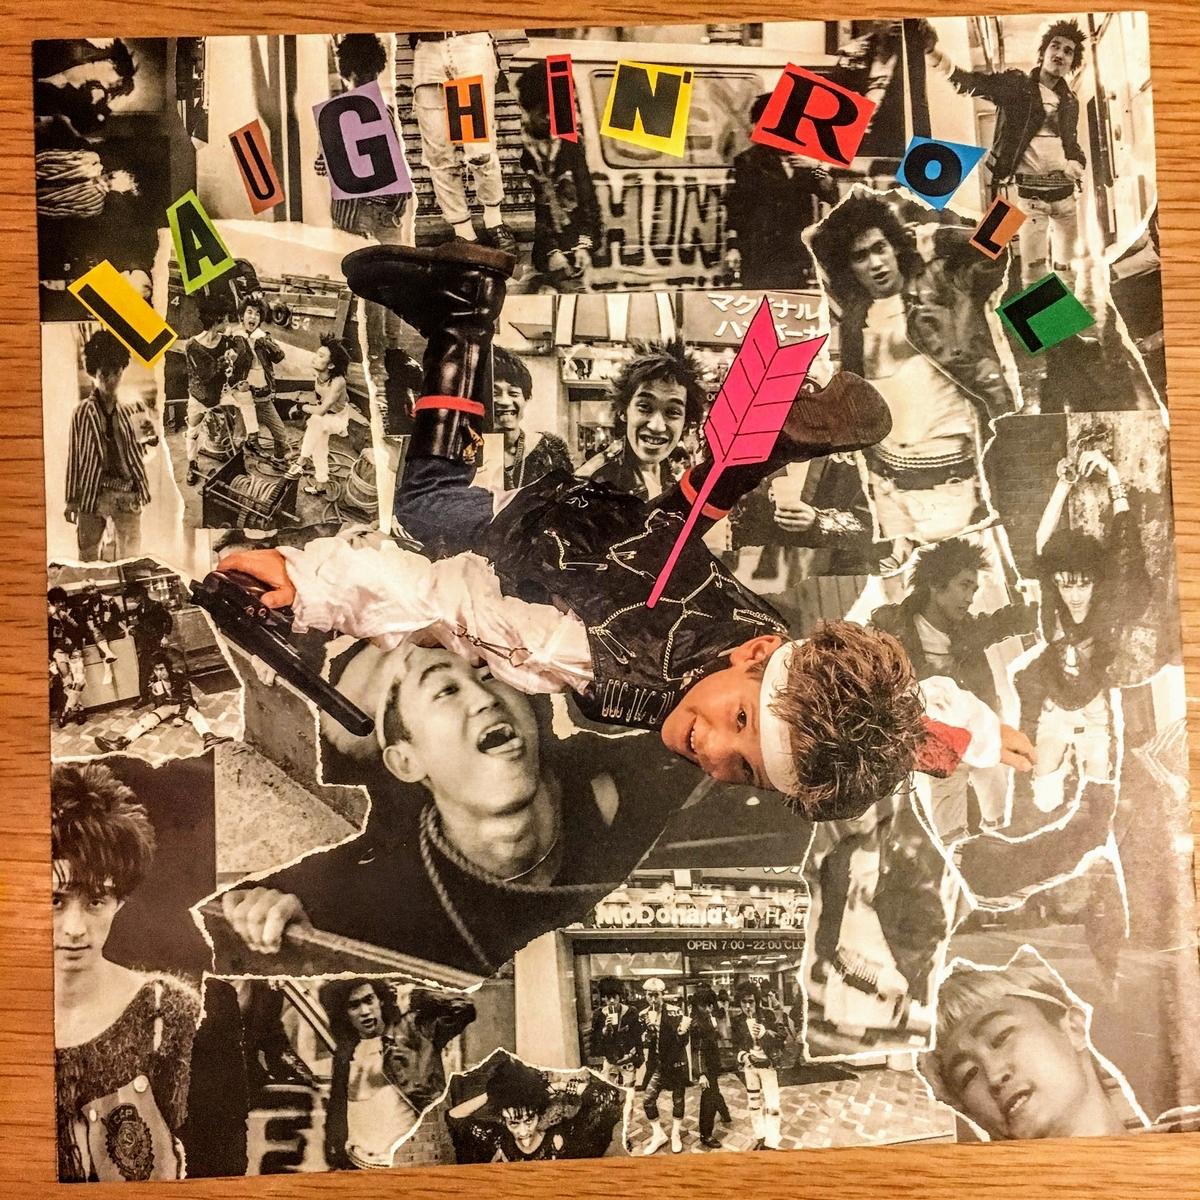 LAUGHIN' NOSE LAUGHIN' ROLLのレコード 中身2